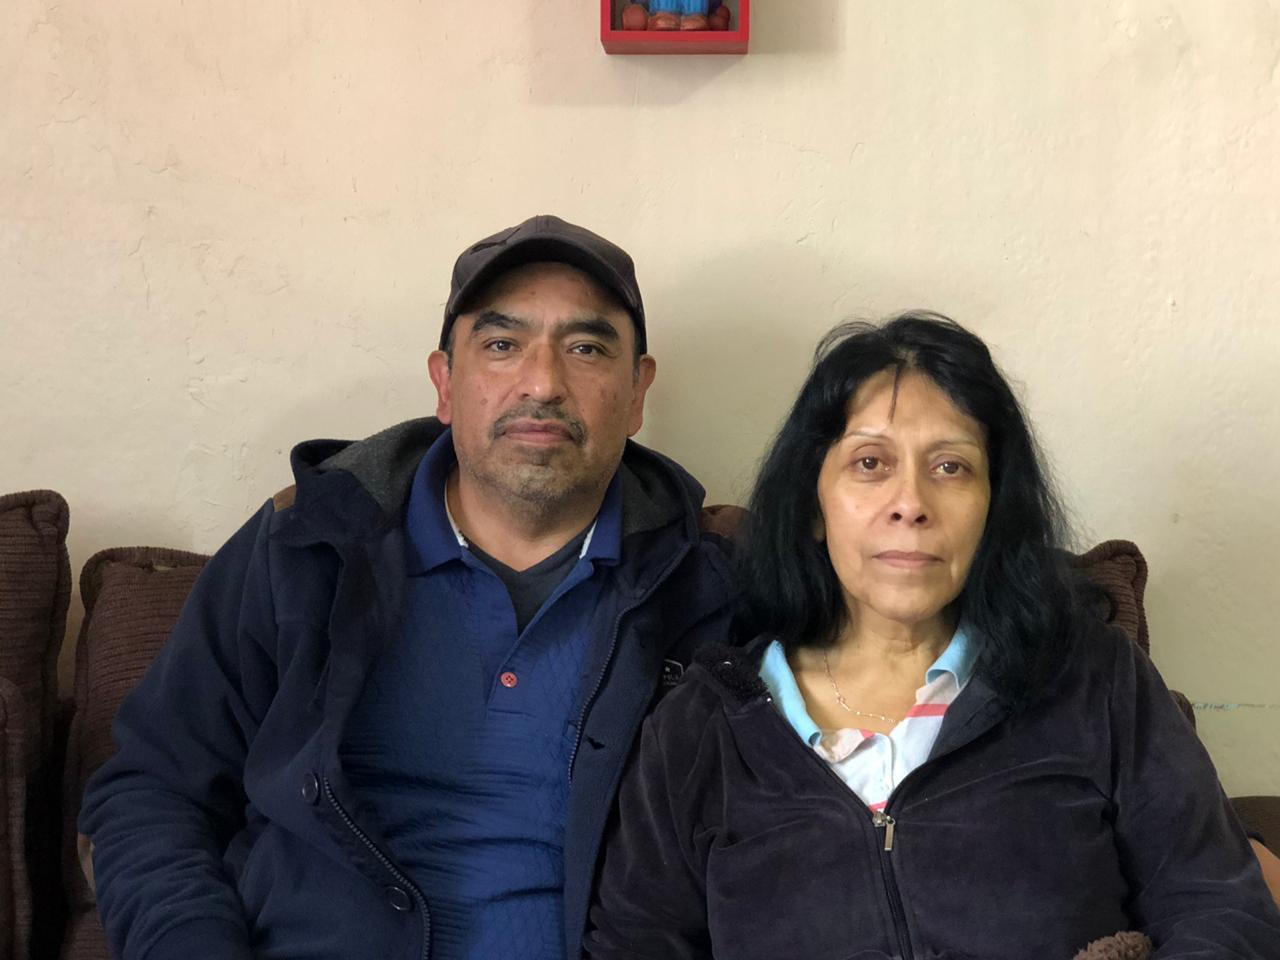 La señora Enedina fue detectada con cáncer y ahora sus hijos buscan recaudar dinero para ayudarla